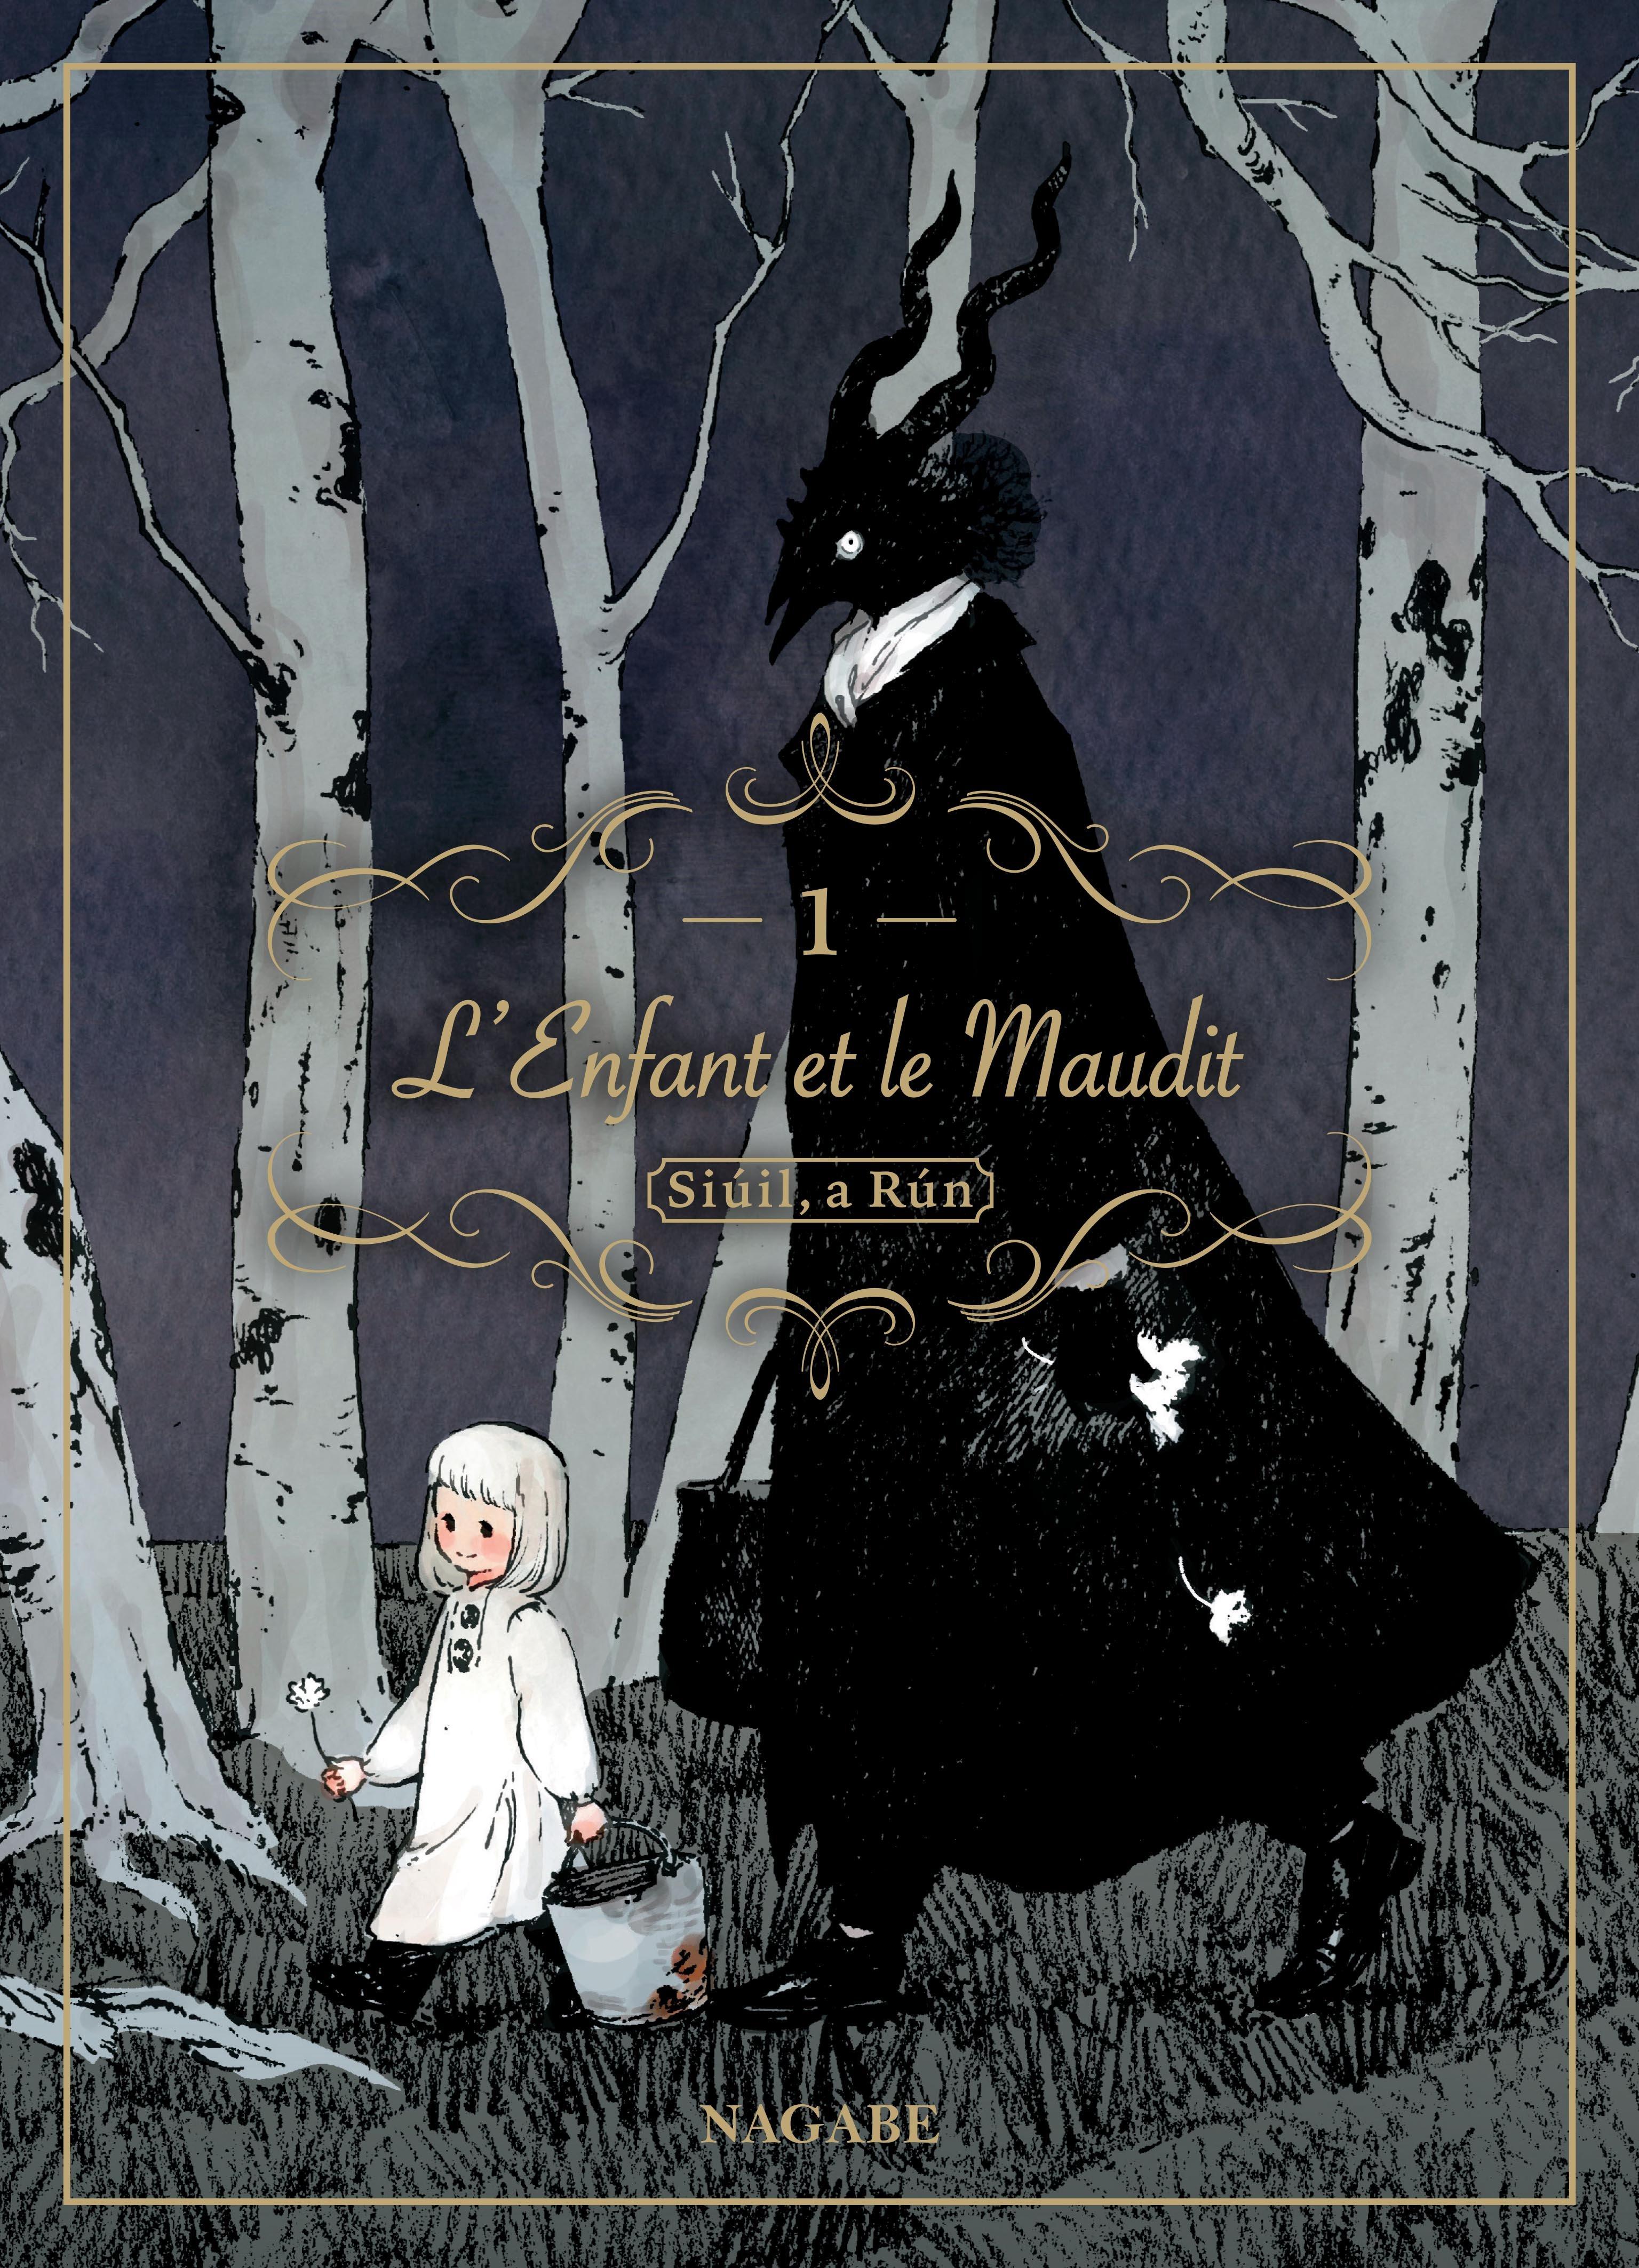 Salon du livre de Paris L'enfant et le maudit